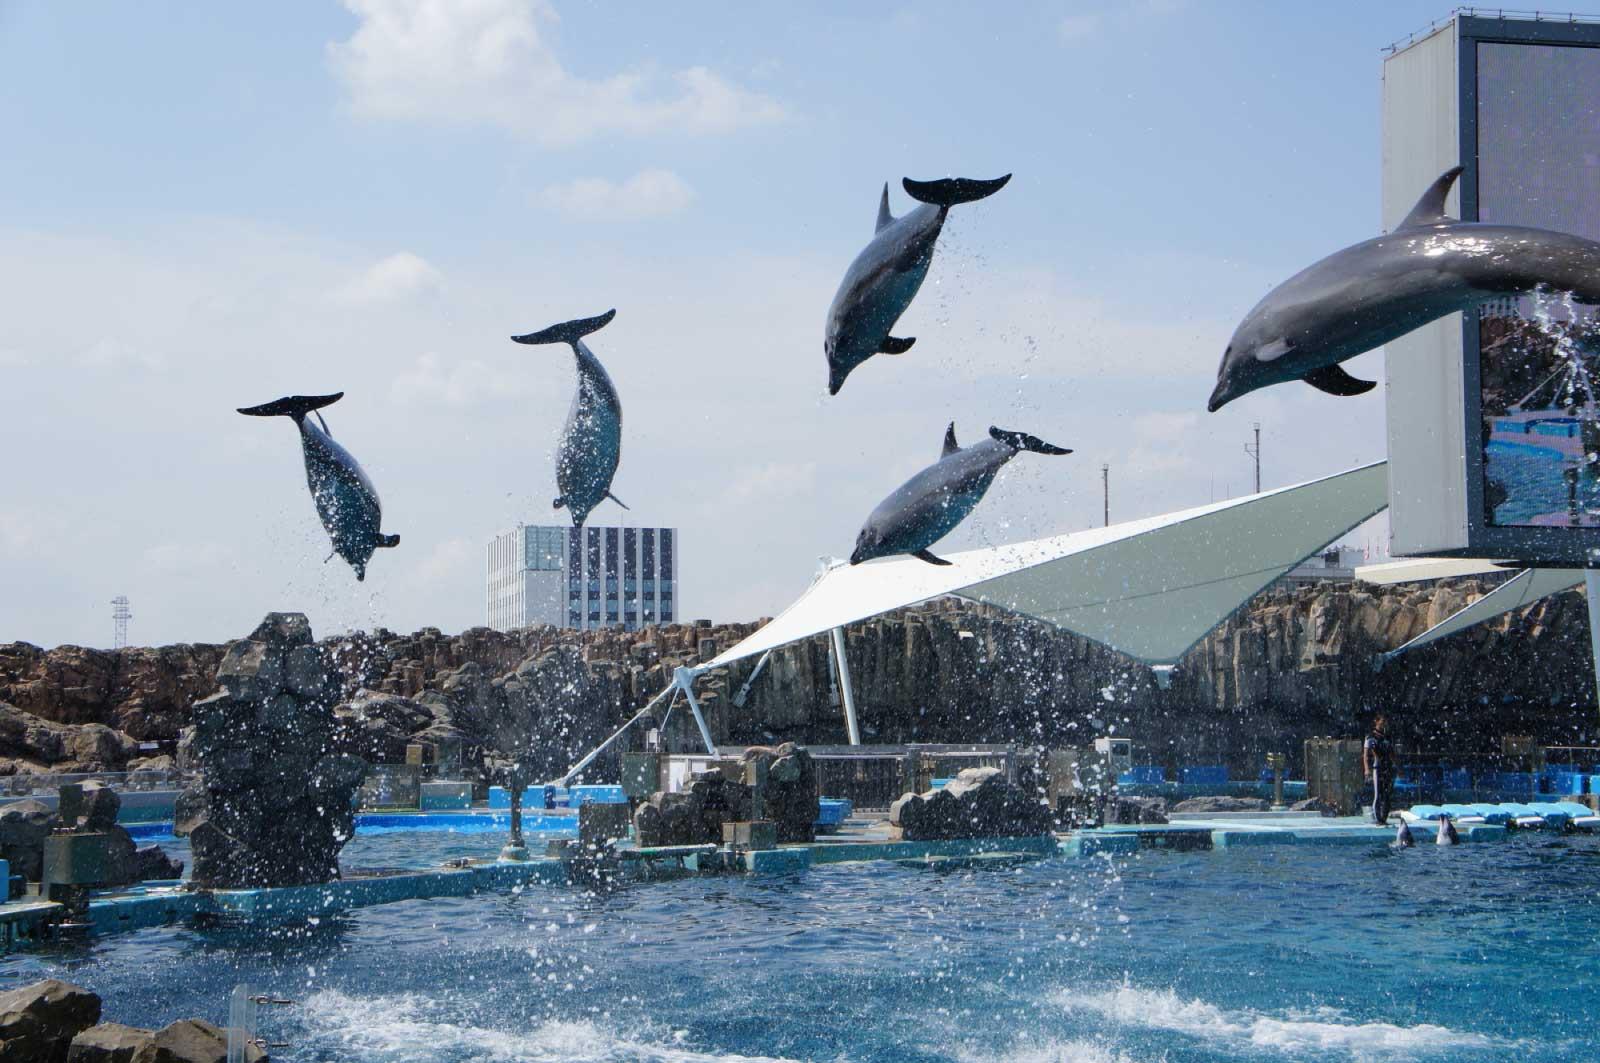 名古屋港水族館のイルカとシャチのショー